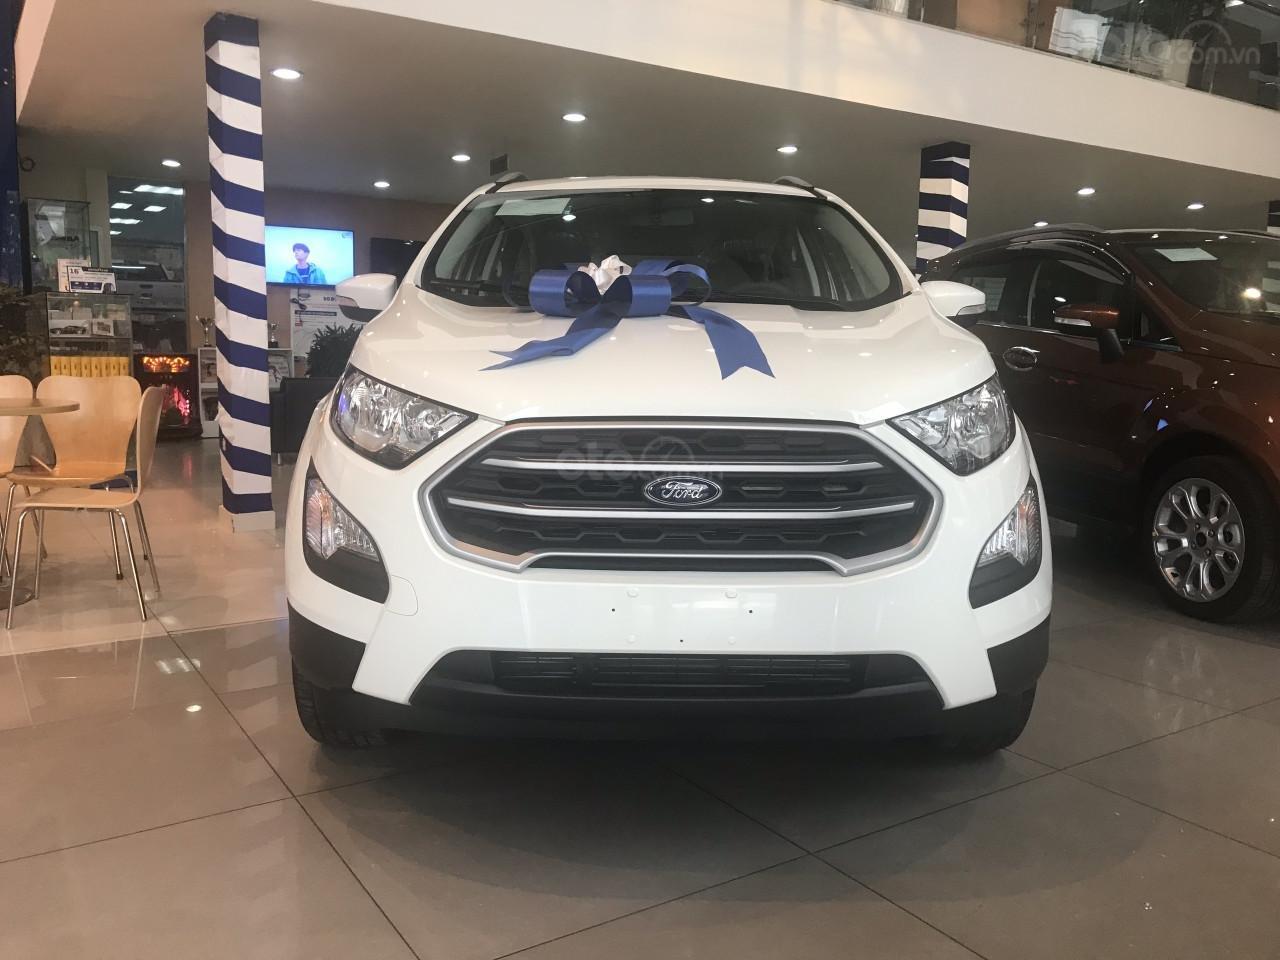 Bán xe Ford Ecosport 2019 - Mua xe tặng xe và hàng ngàn phần quà khác (1)